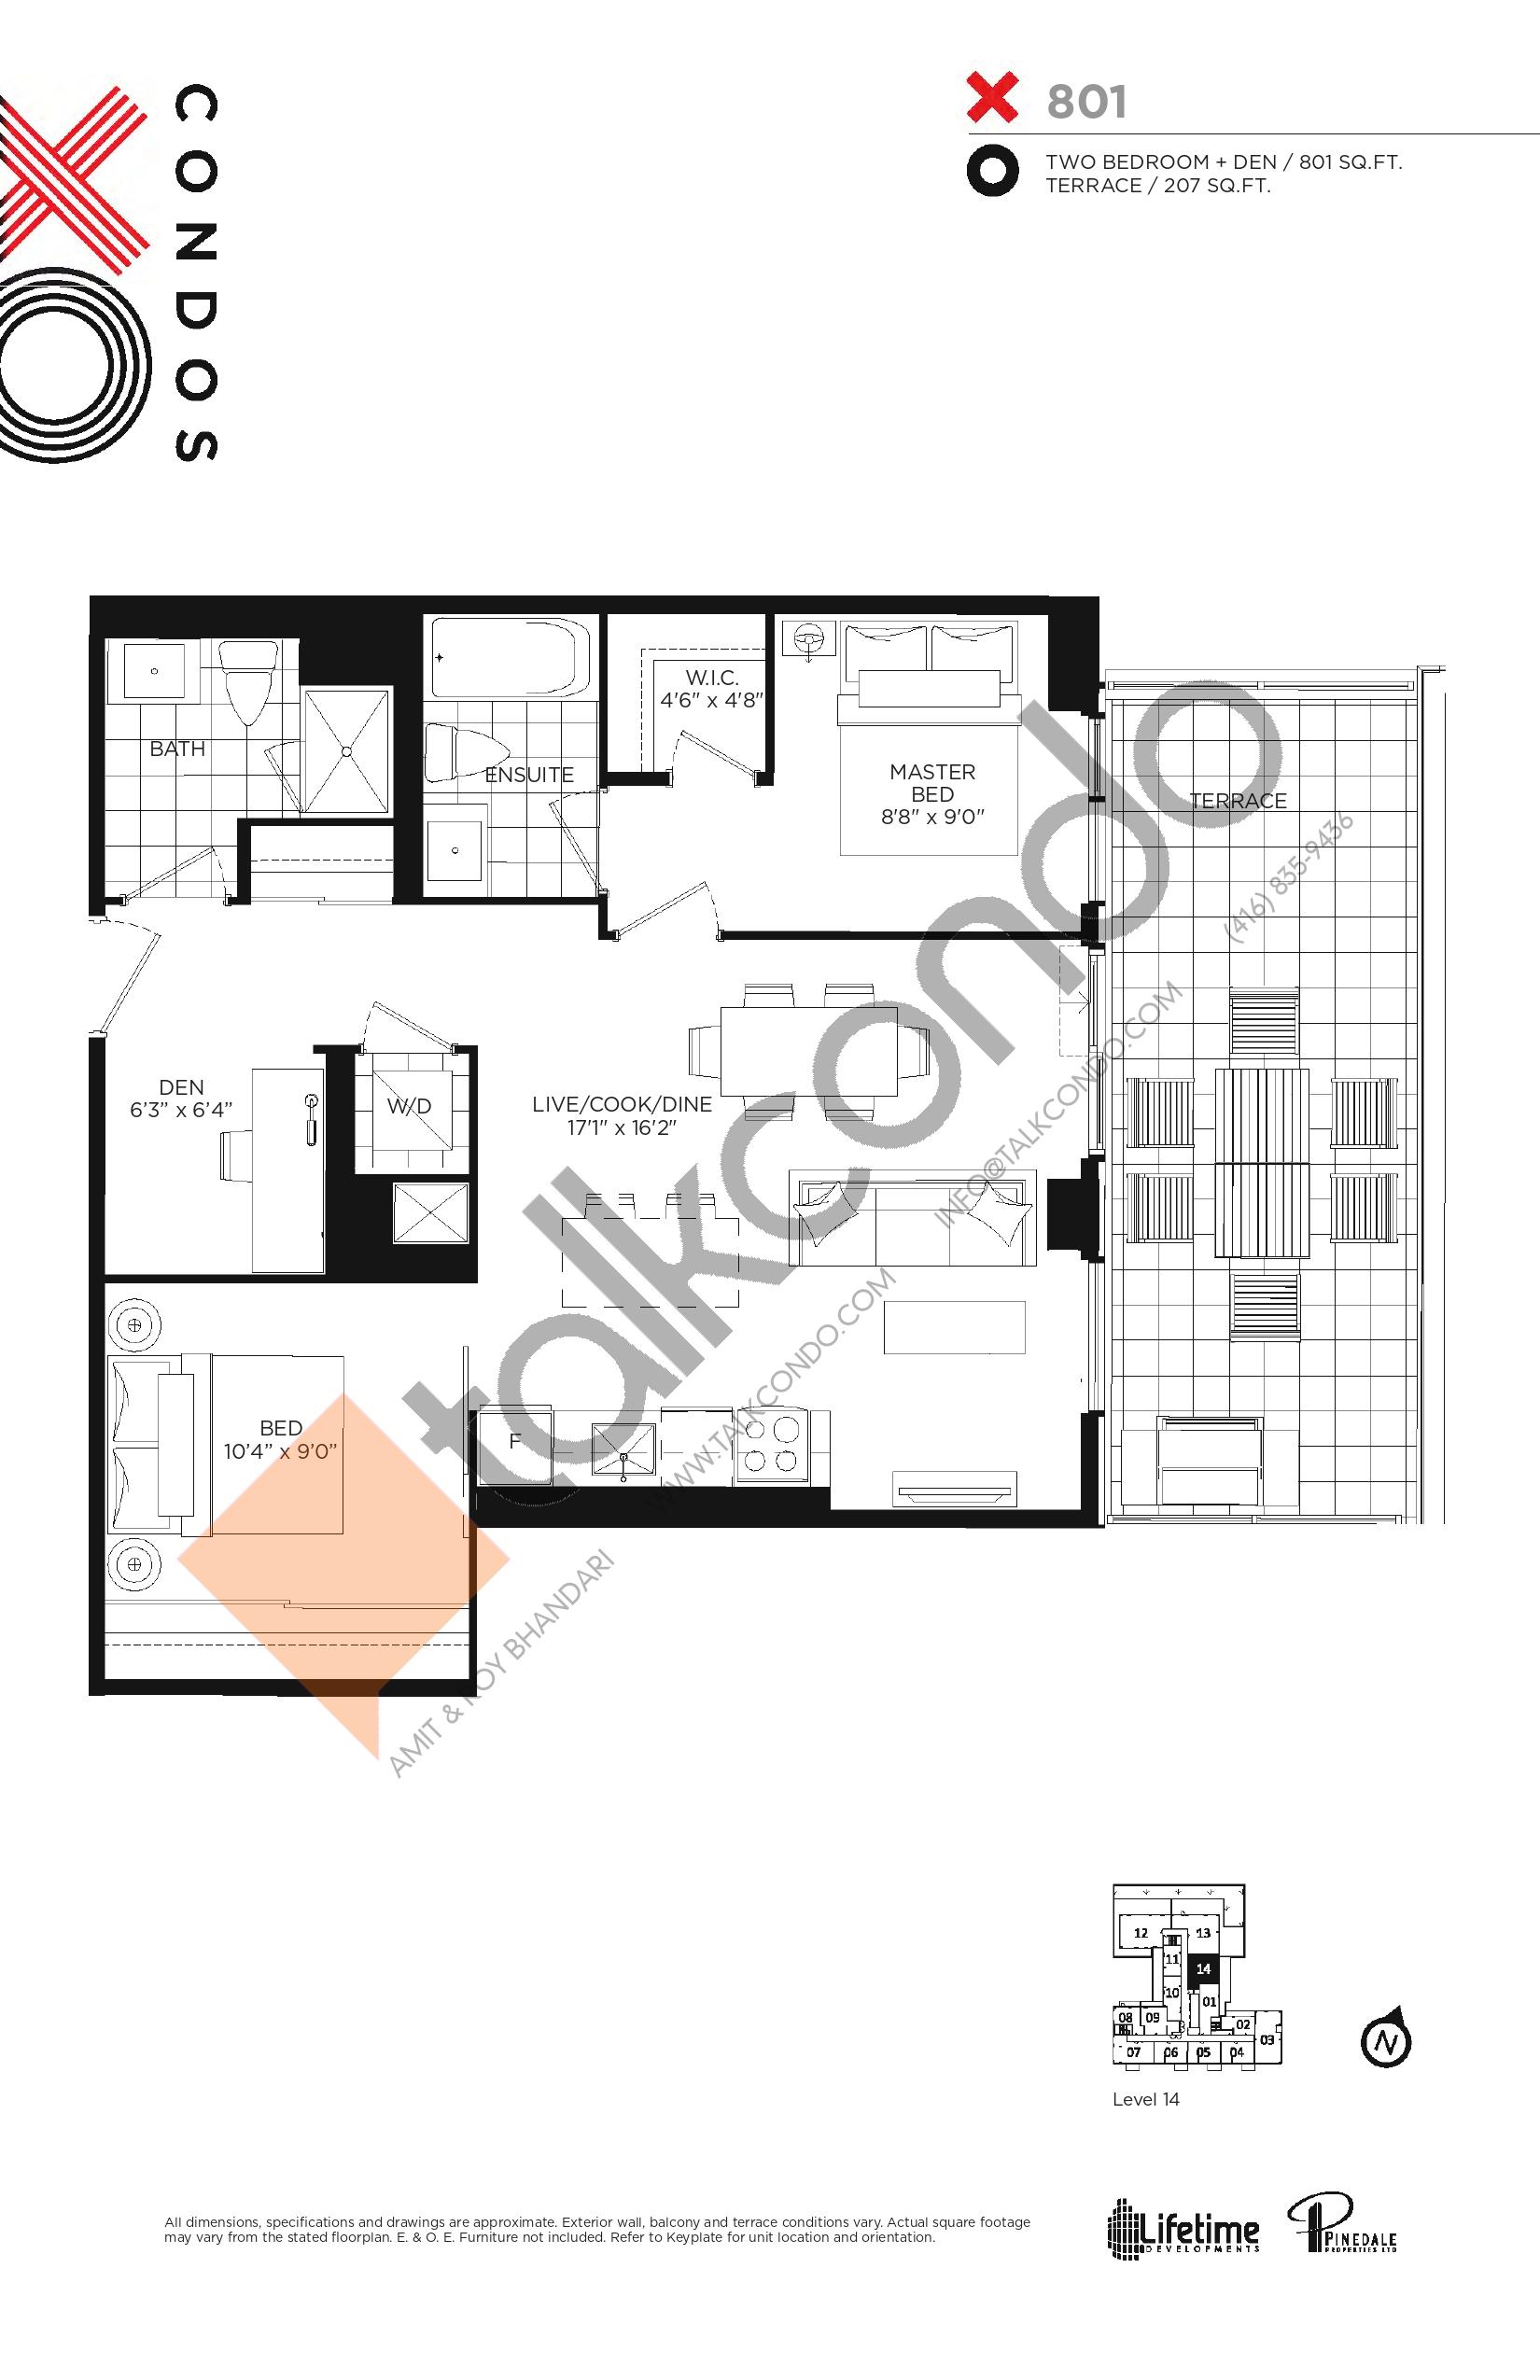 X801 Floor Plan at XO Condos - 801 sq.ft